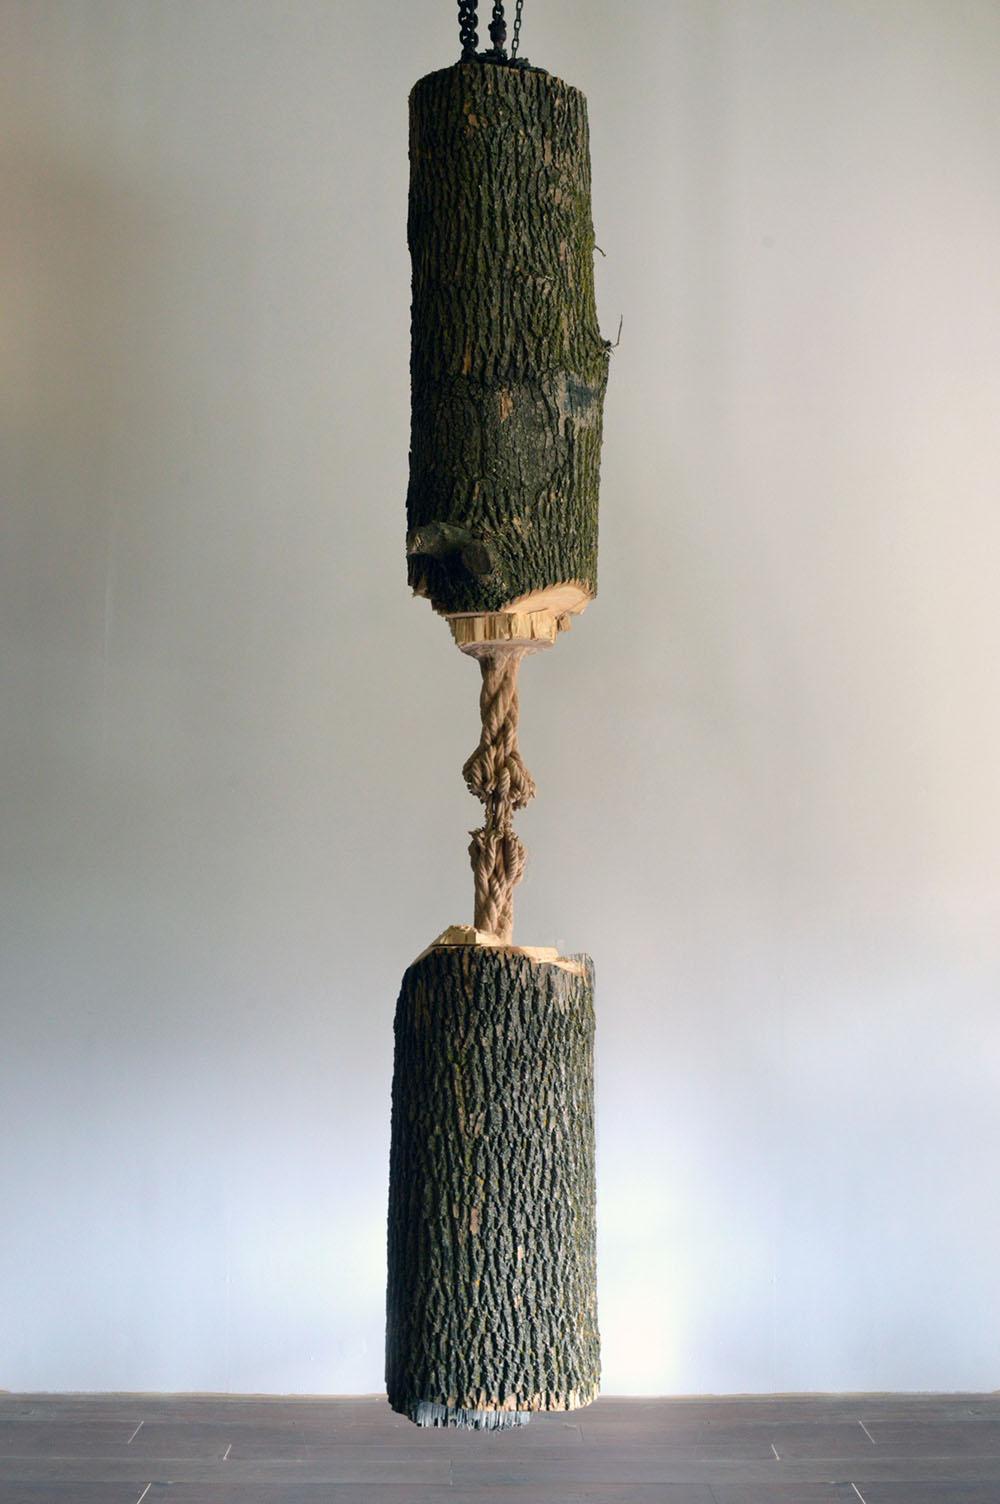 Ce tronc semble suspendu par une corde mais en réalité c'est du bois # Poids D Un Stere De Bois